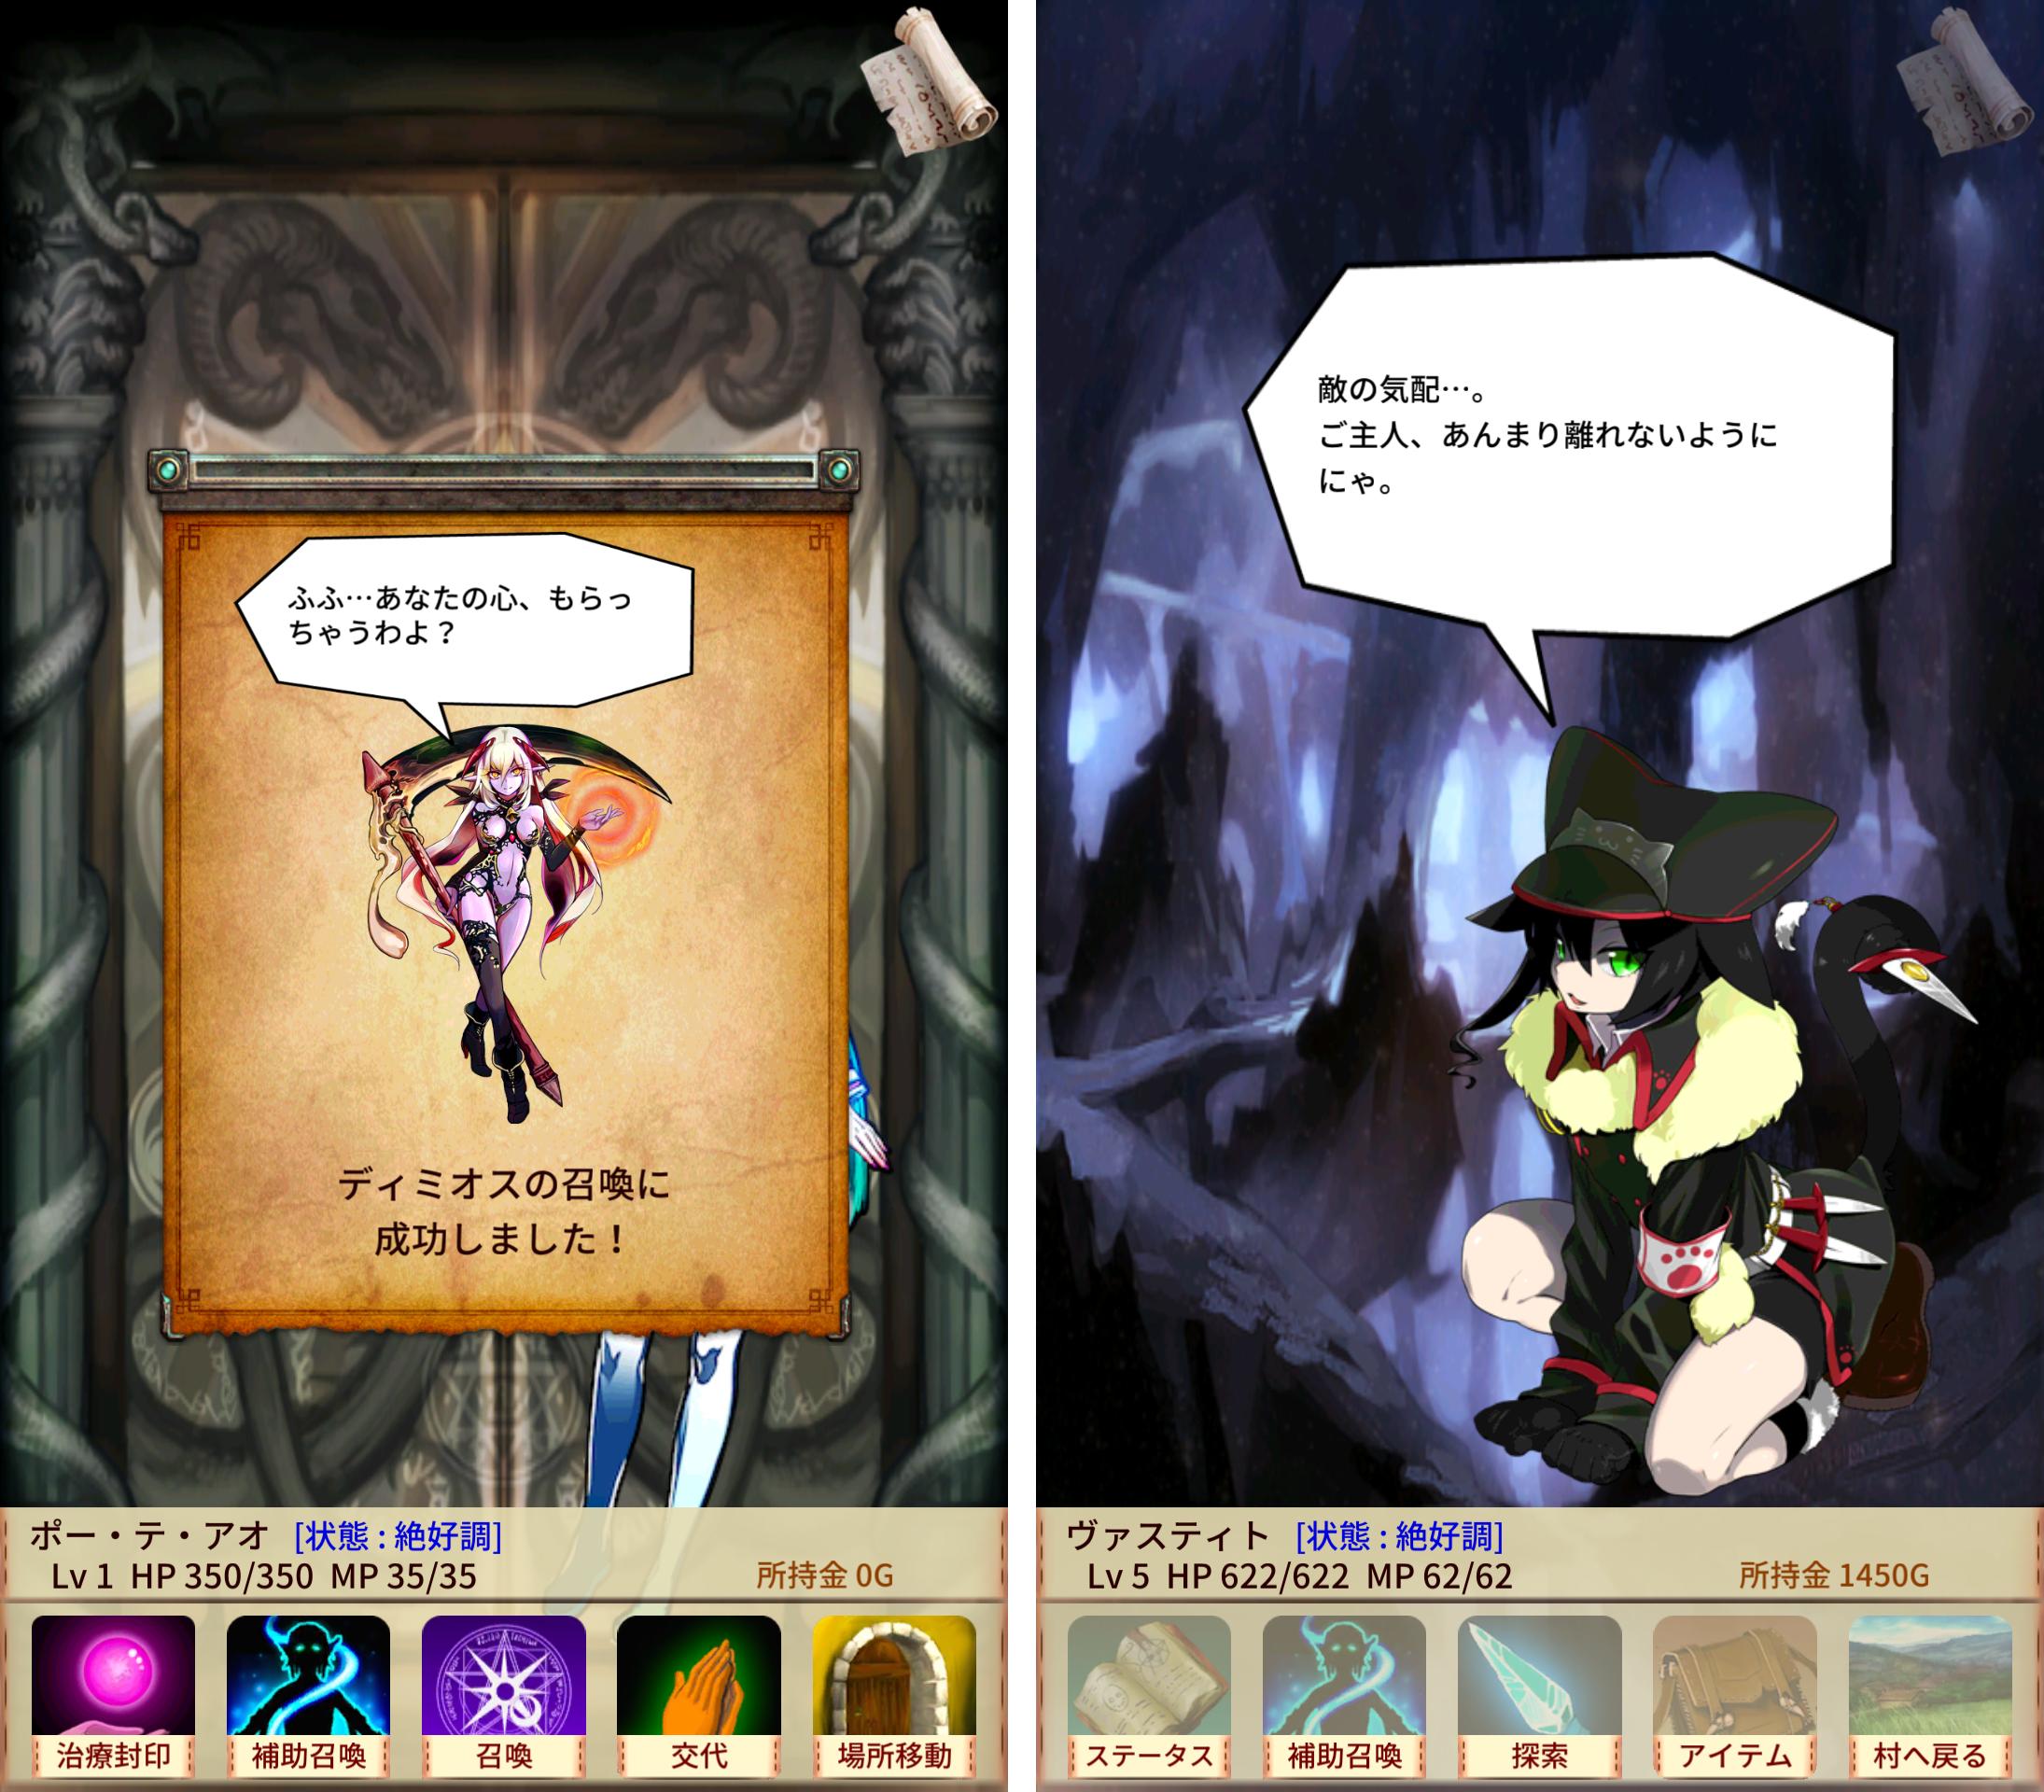 モン娘召喚記 androidアプリスクリーンショット2